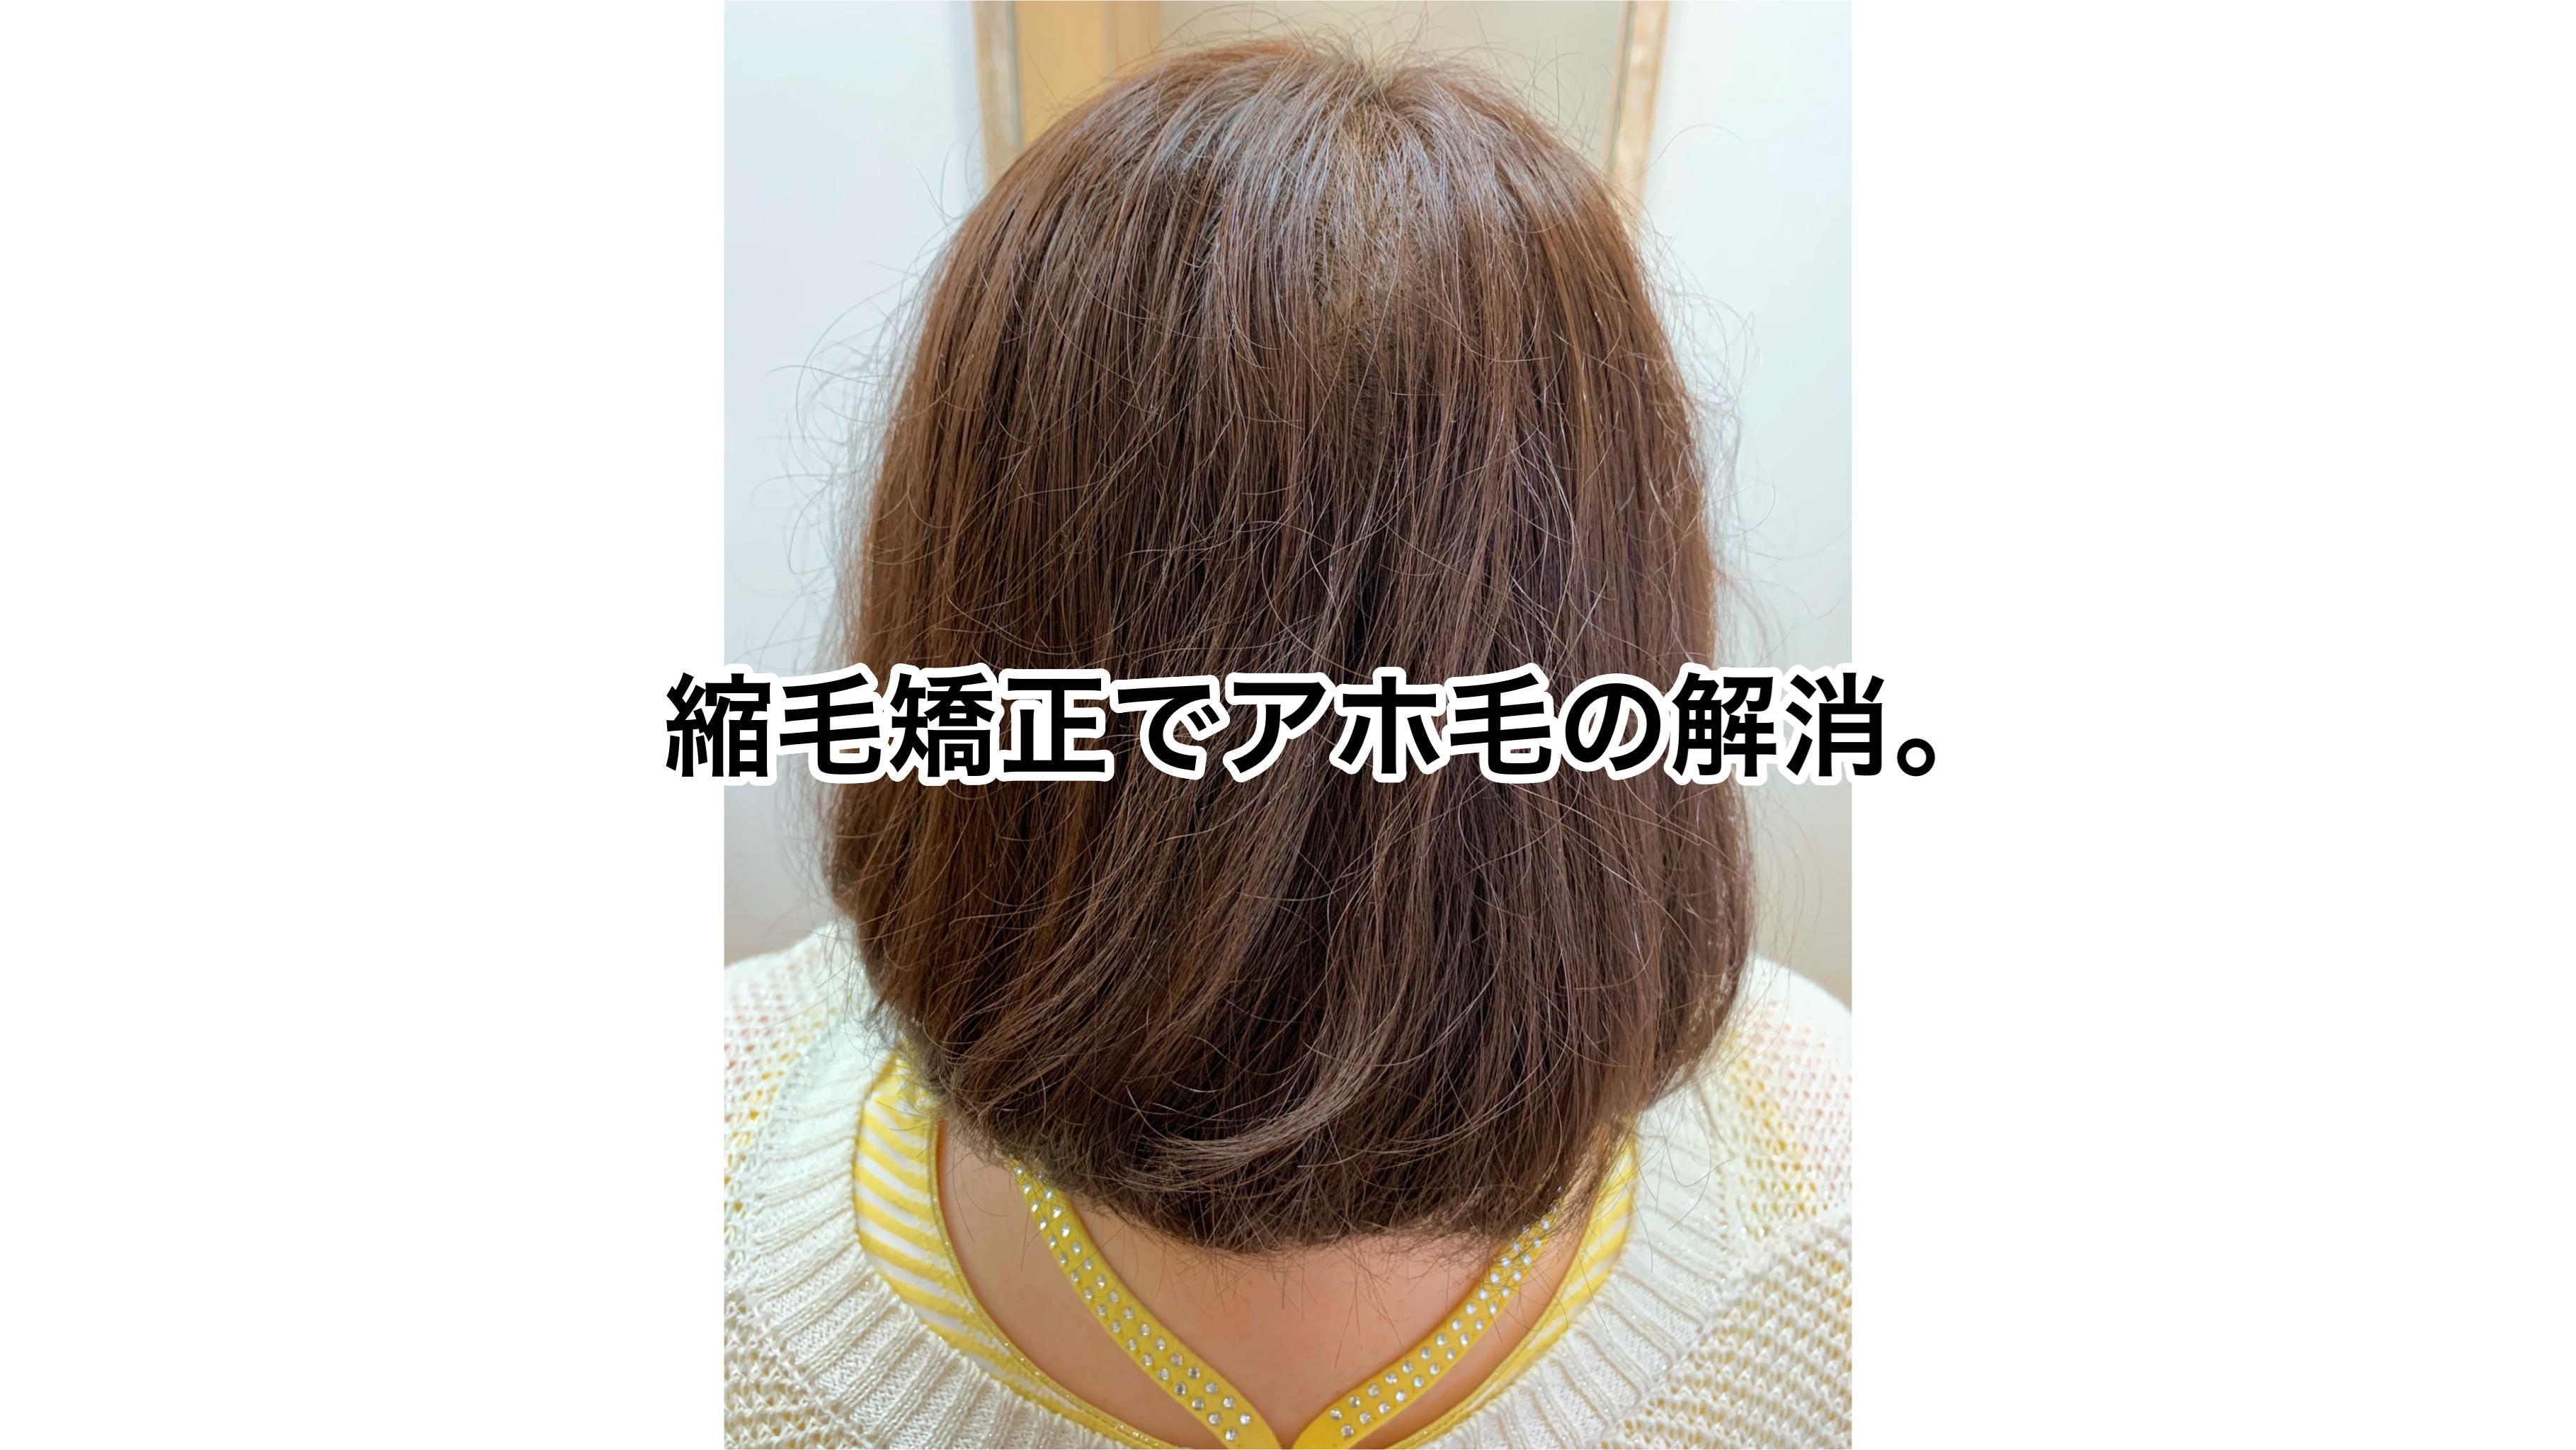 ホワホワしてまとまらない髪に縮毛矯正。